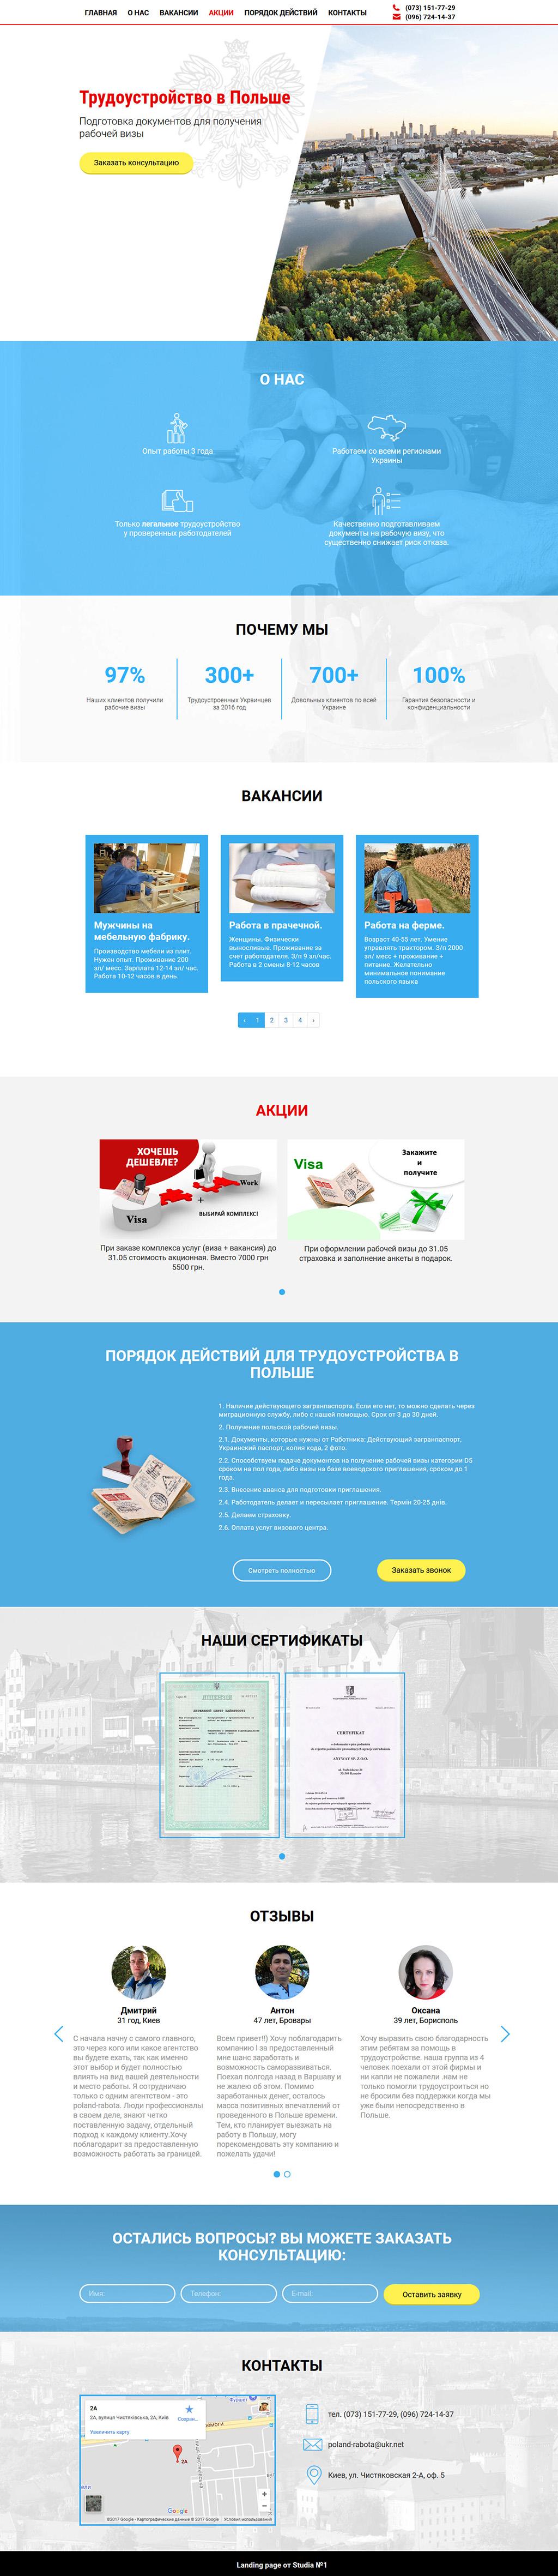 Landing Page — Работа в Польше